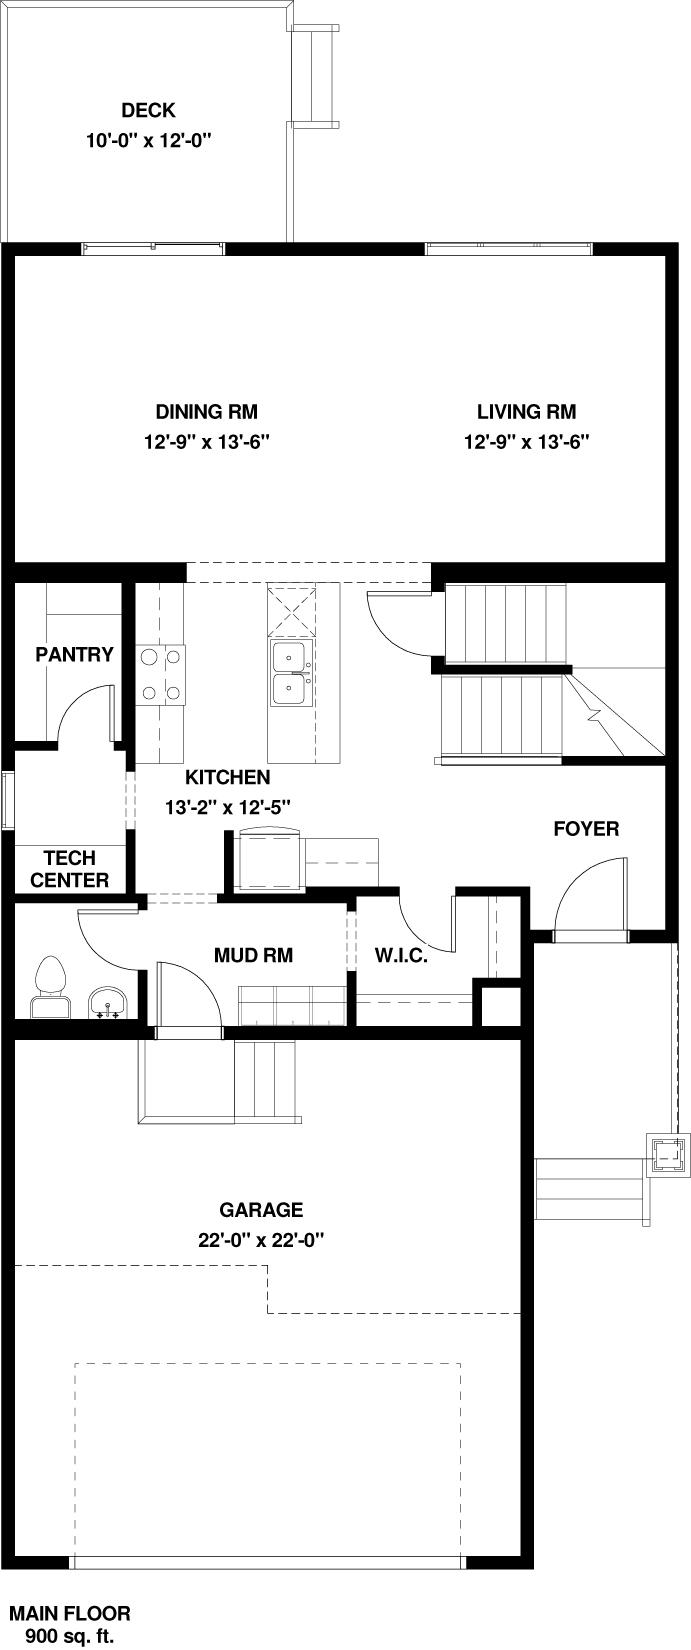 Main Floor   900 sq ft